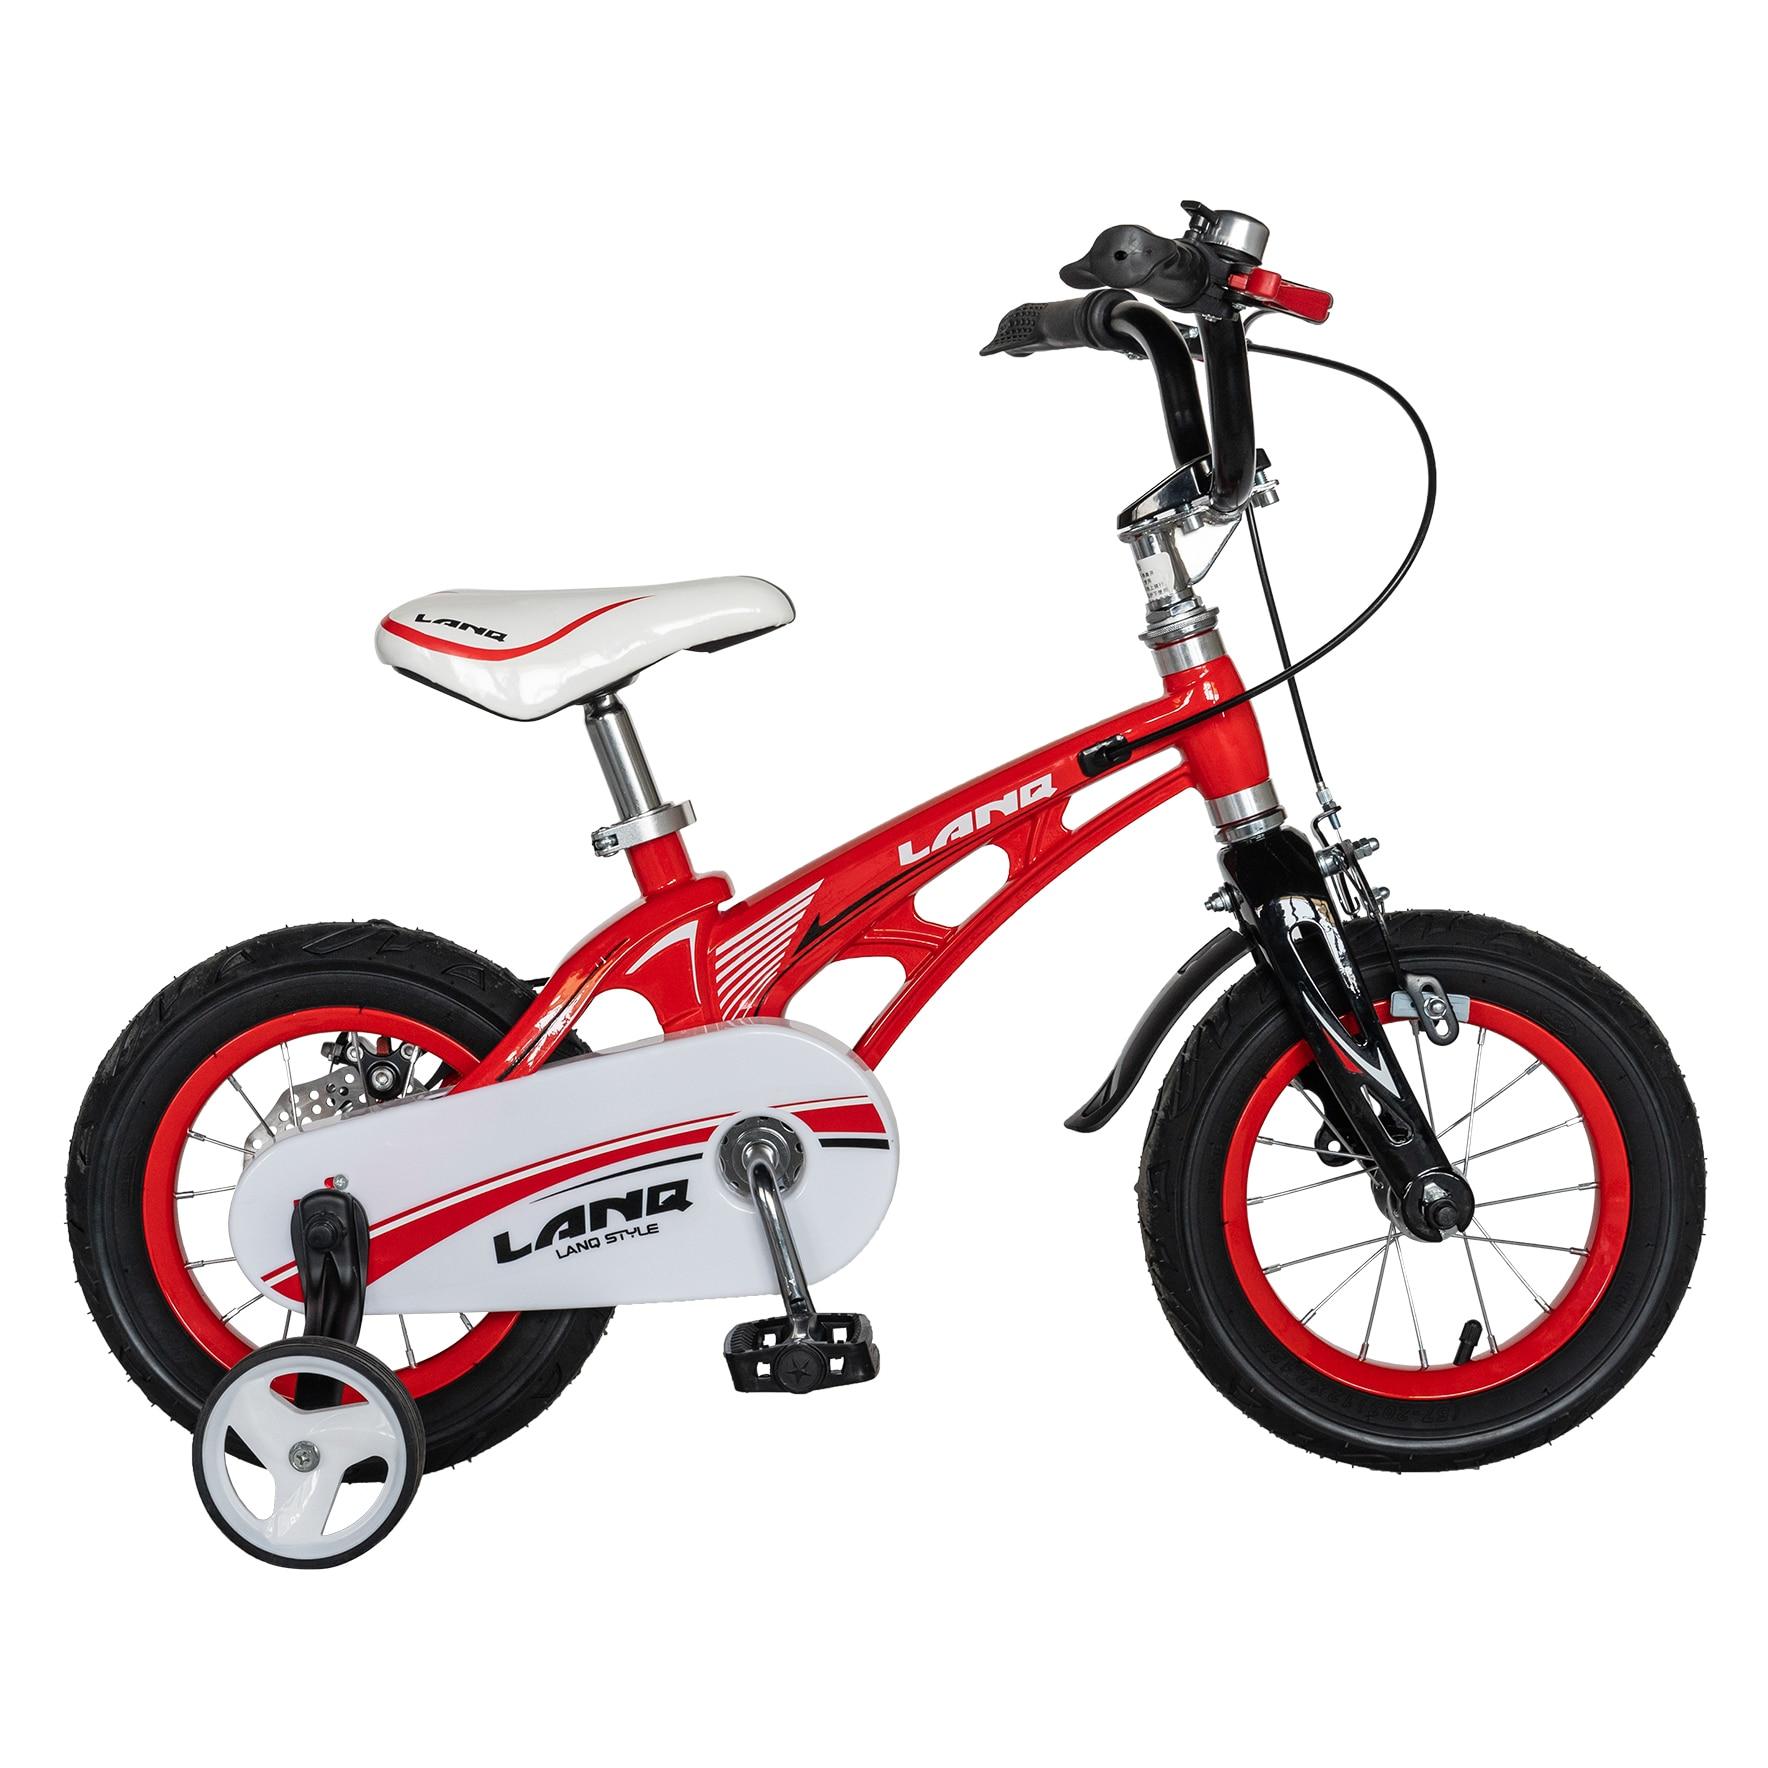 """Fotografie Bicicleta copii Lanq W1246D, roata 12"""", cadru aliaj magneziu, frana C-Brake, roti ajutatoare, 2-4 ani, rosu/negru"""